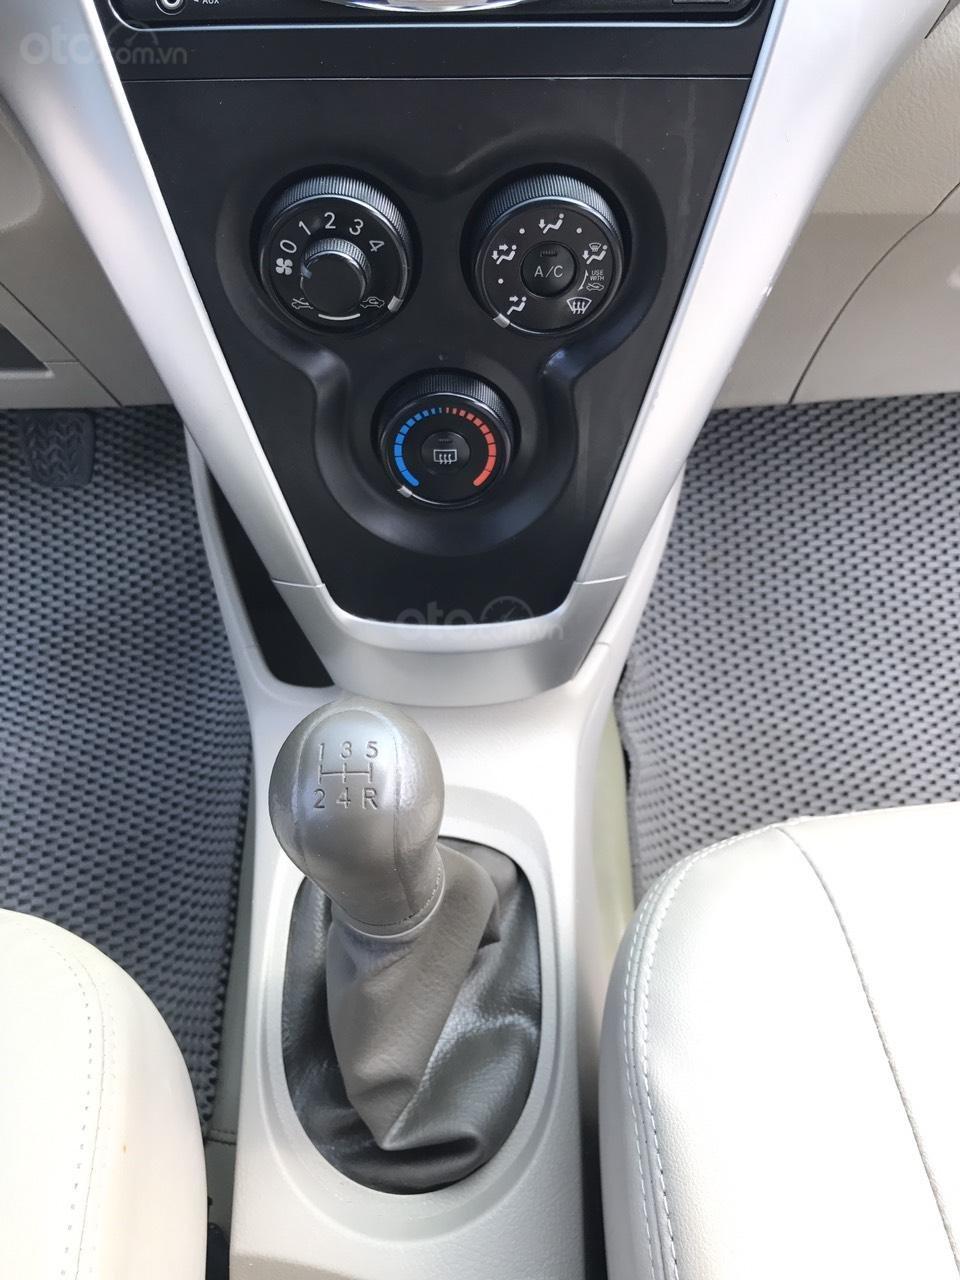 Bán xe Toyota Vios 1.5E sản xuất 2012, màu bạc, 1 chủ từ mới, máy zin 1 cục, nói không với xe taxi (20)